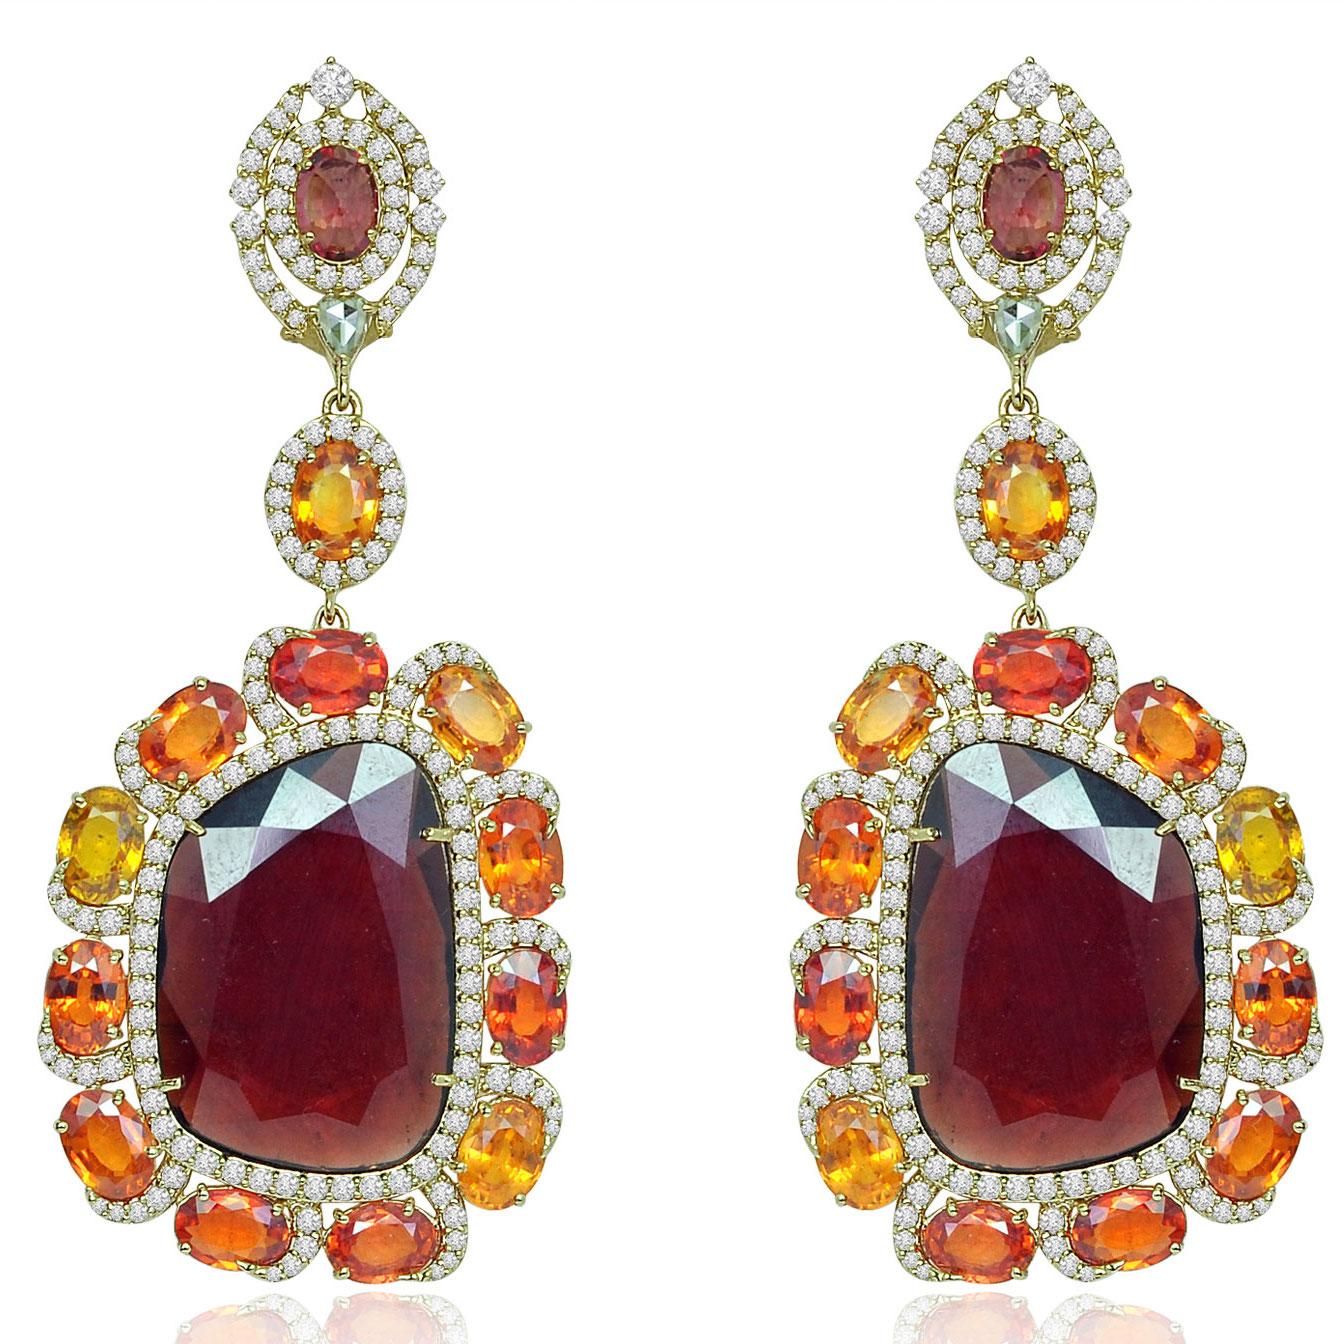 Sutra earrings